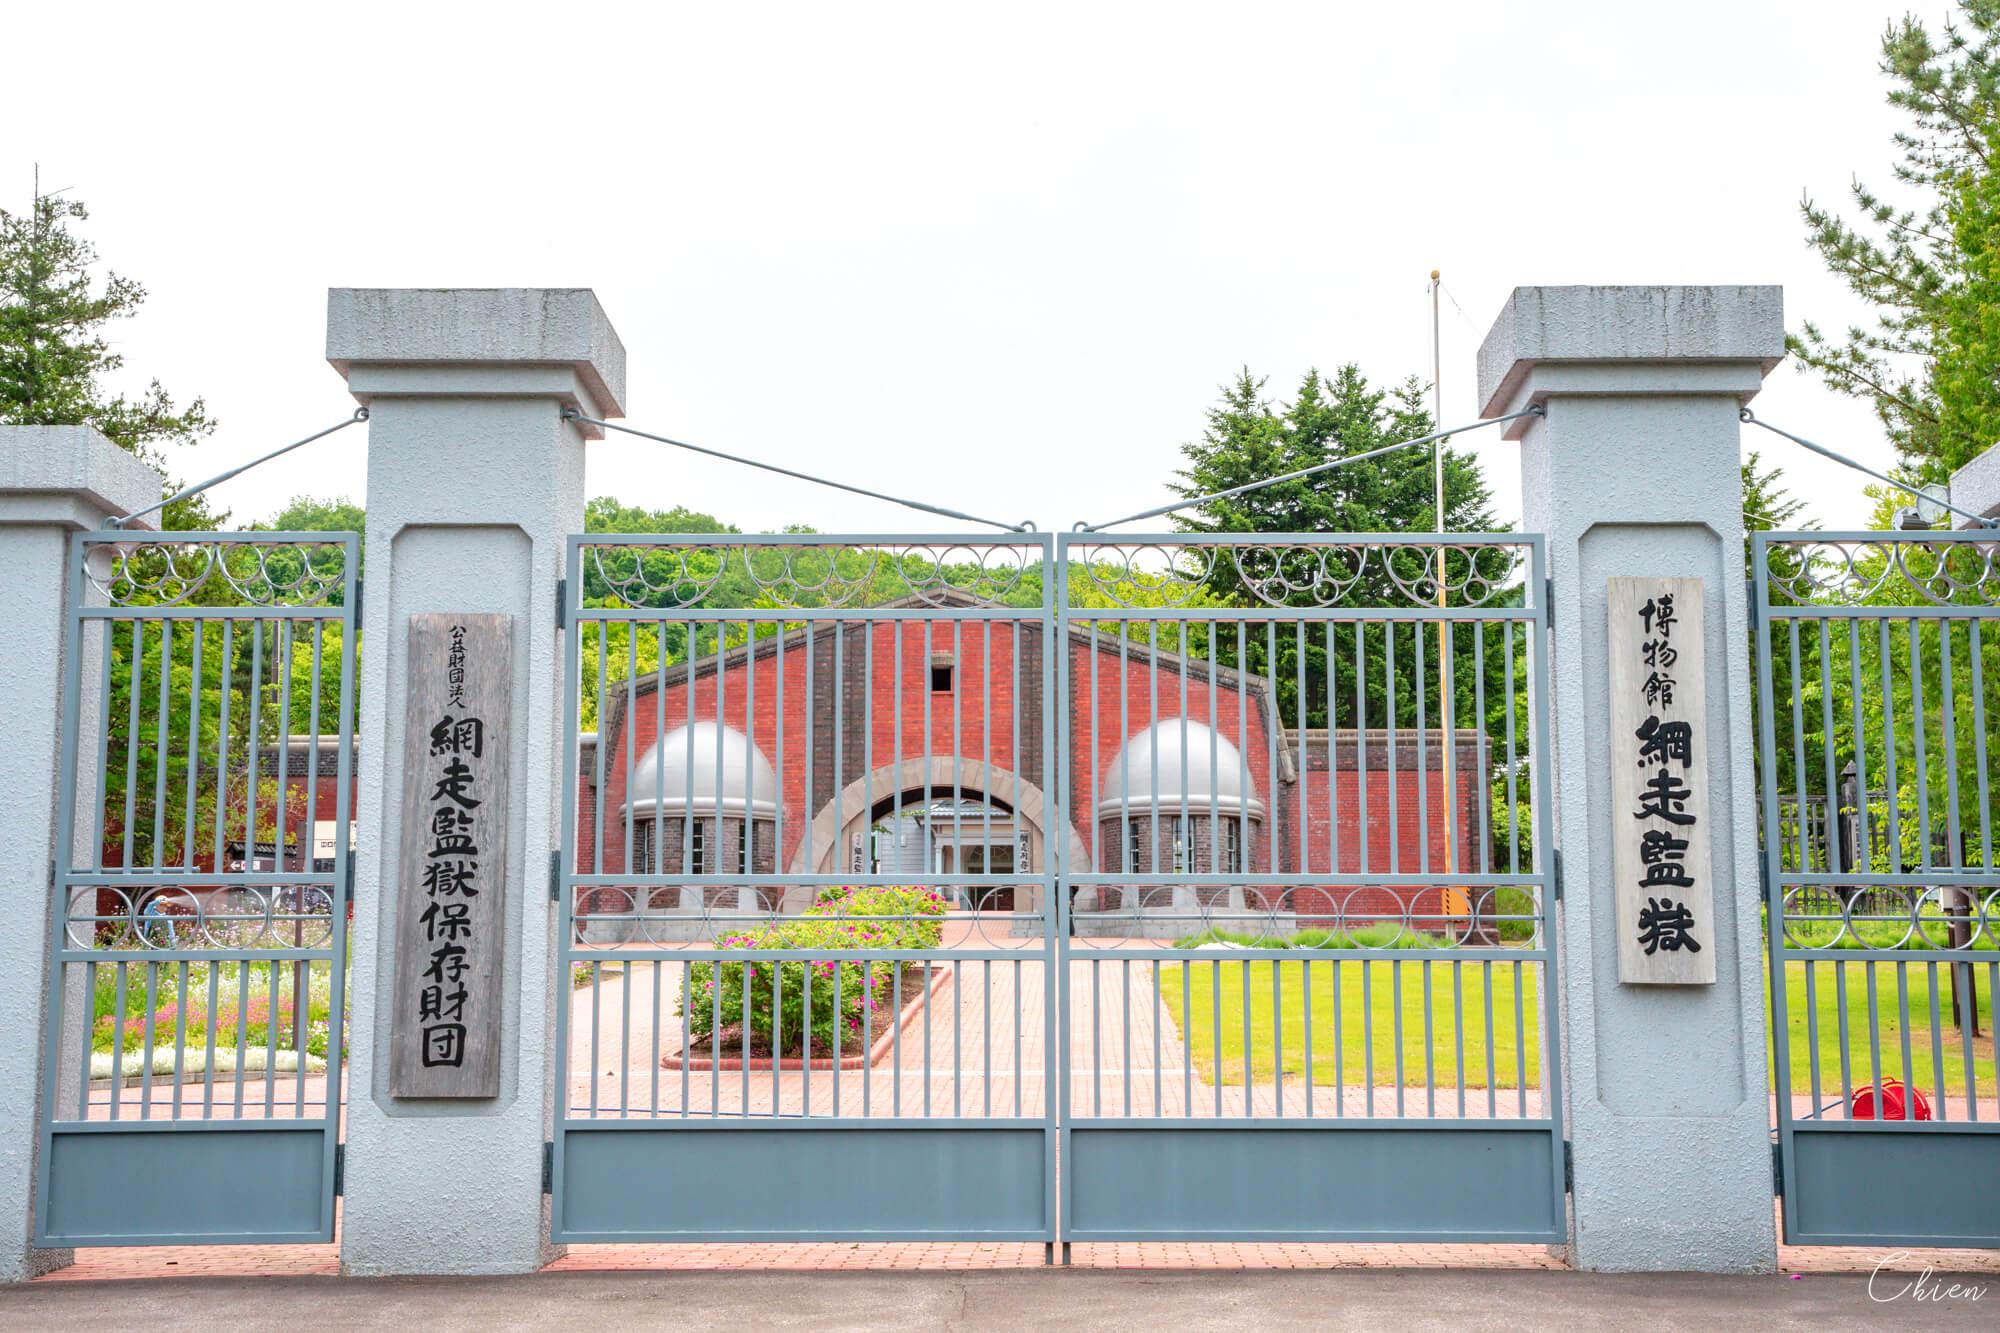 北海道景點「網走監獄博物館」